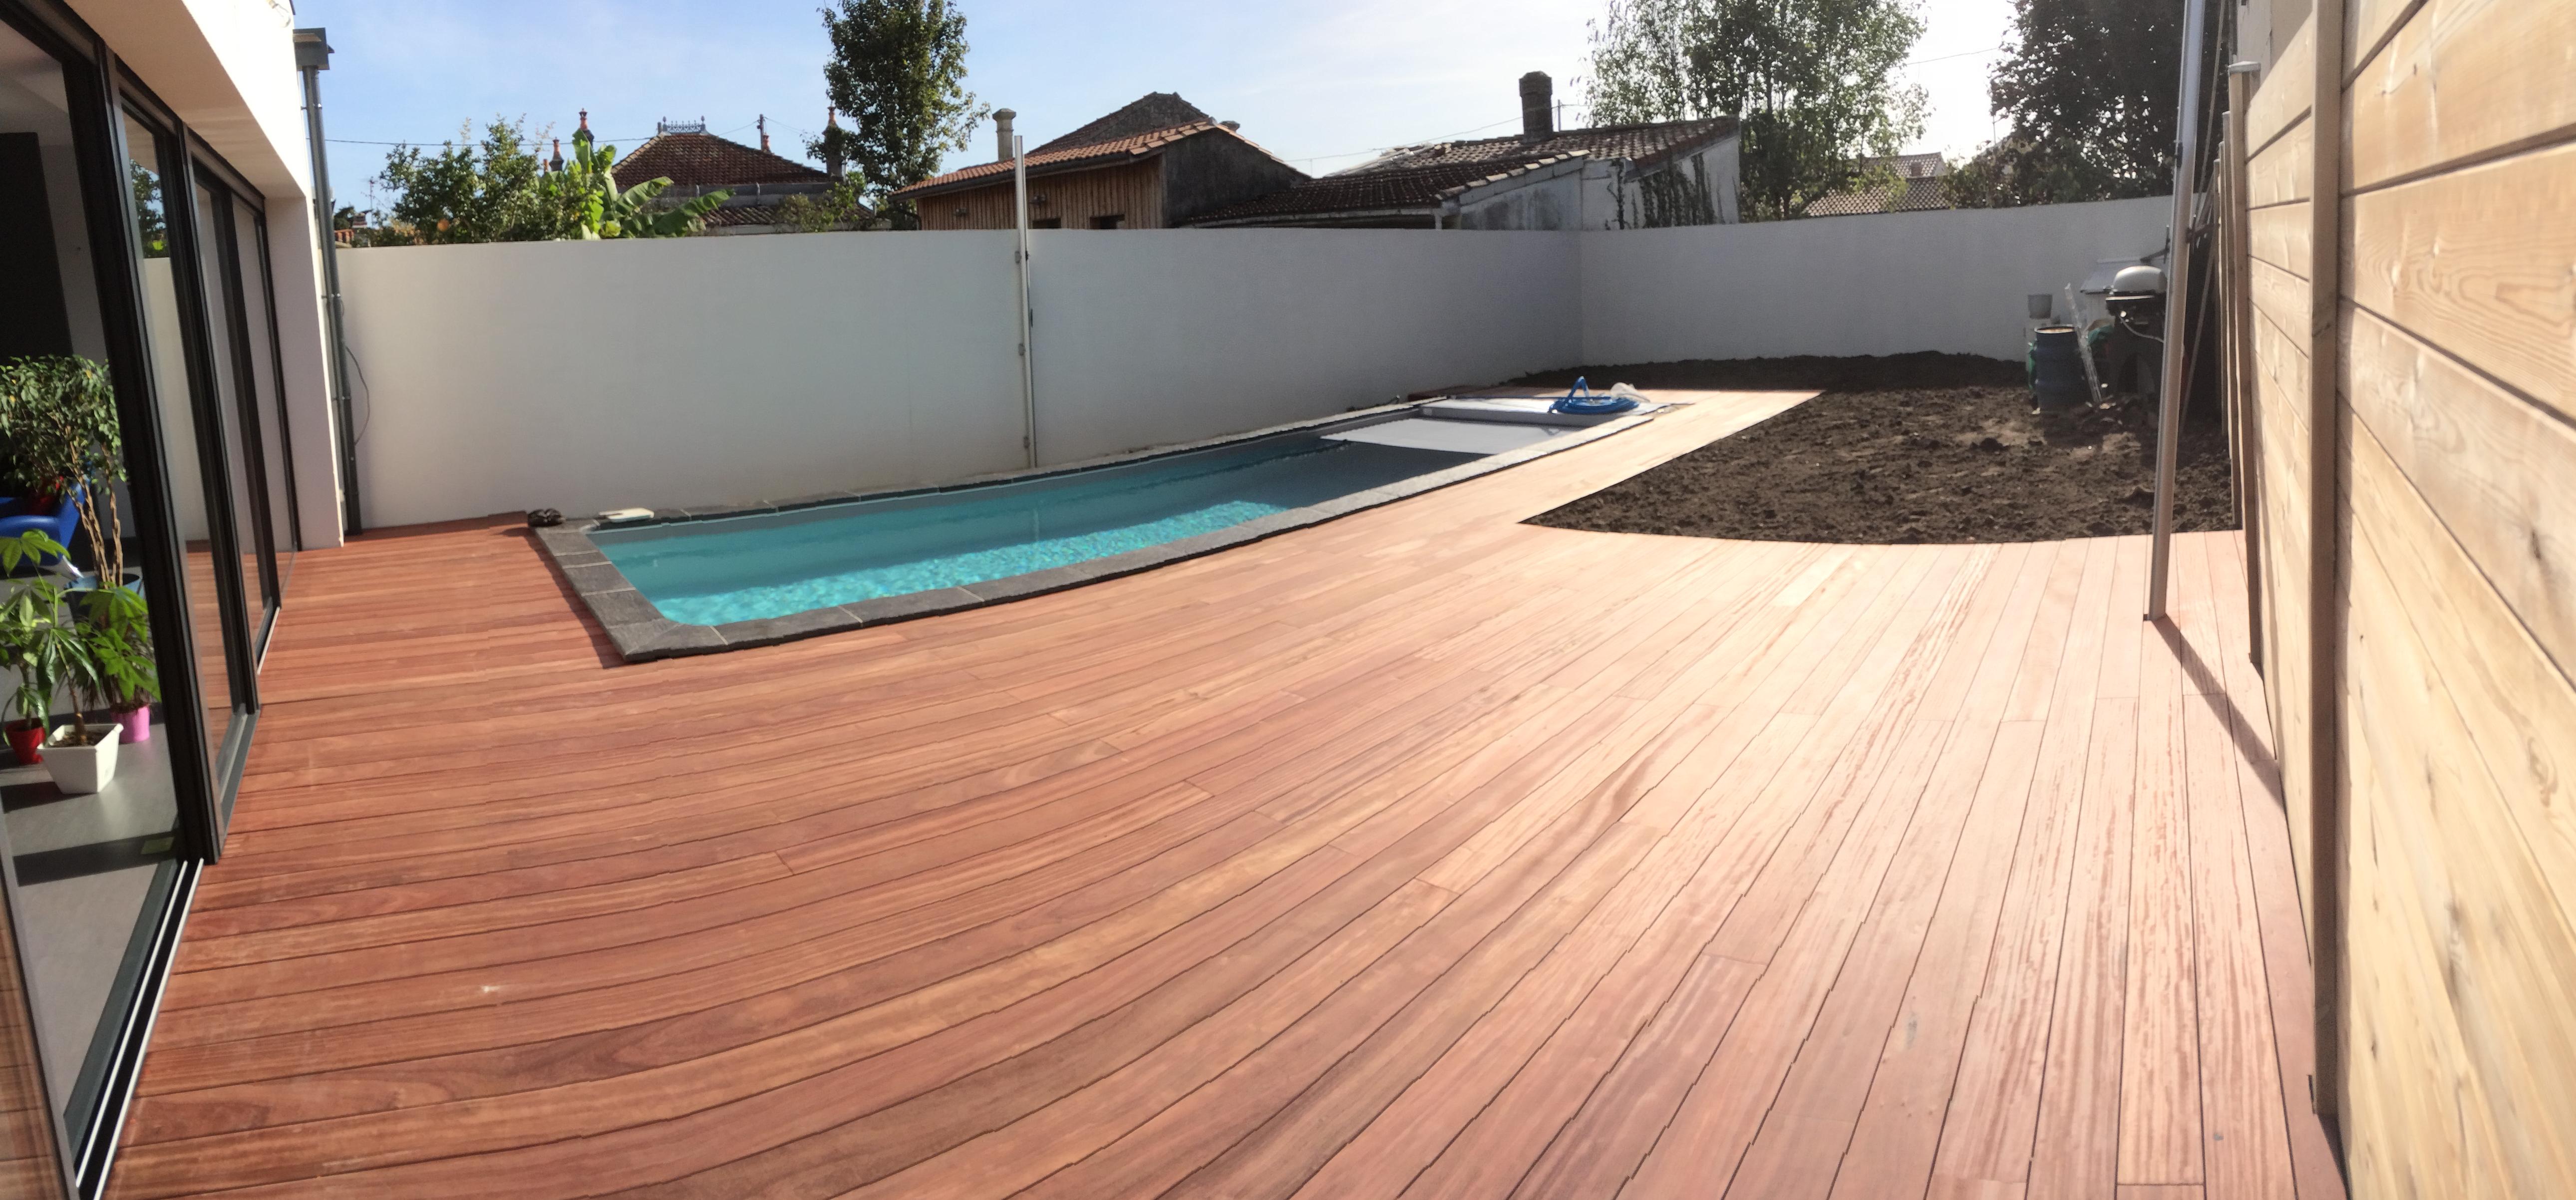 Terrasse-bois-padouk-talence-terrasse-bois-et-composite